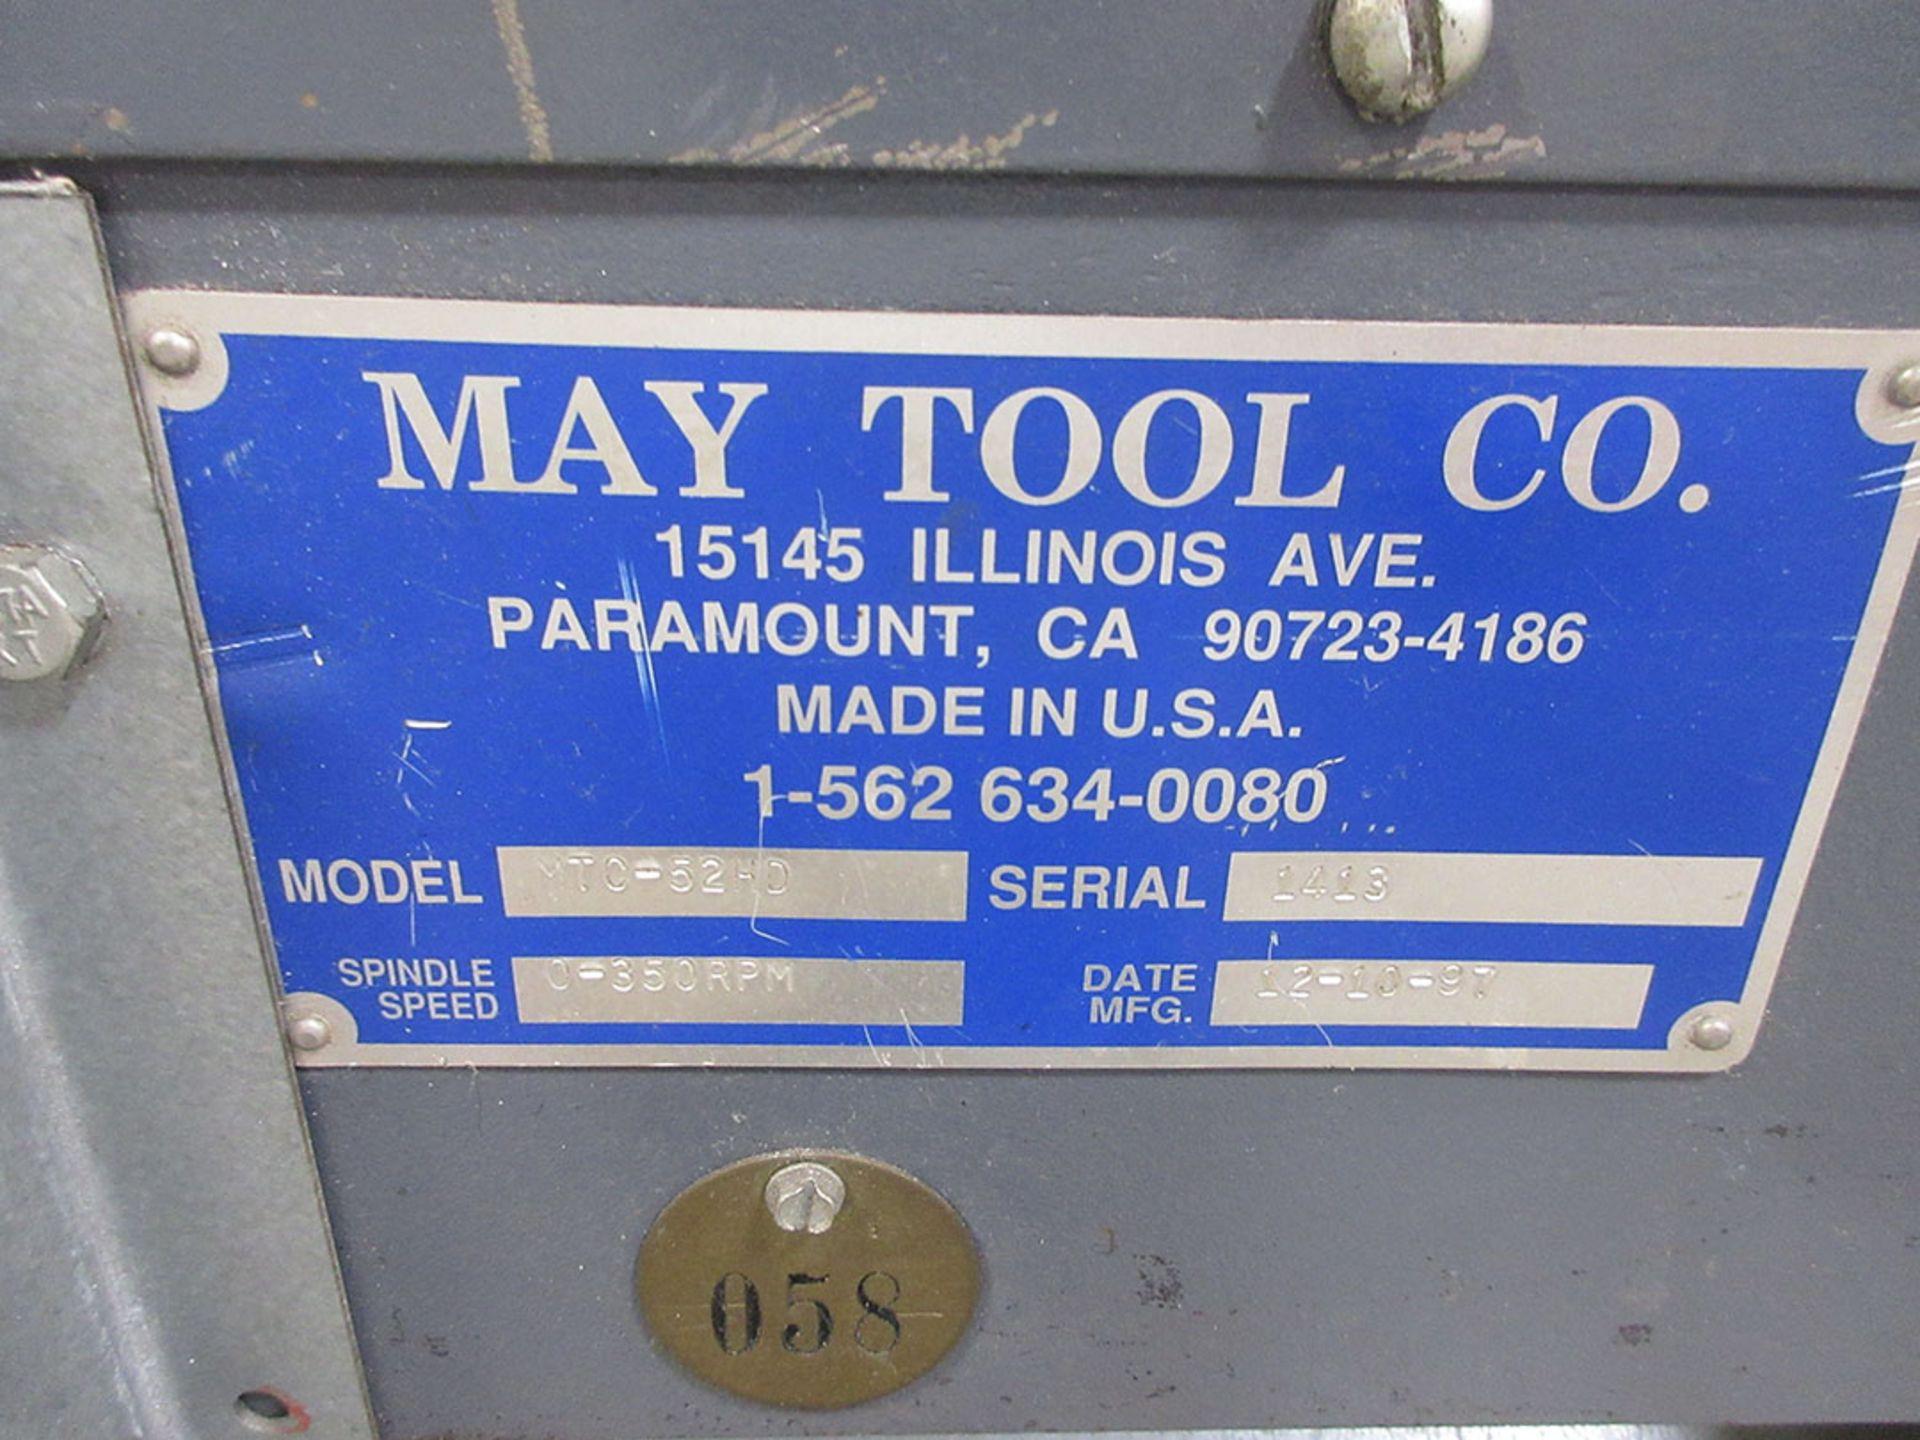 Lot 82 - 1997 MAY TOOL CIRCLE SHEAR; MODEL MTC-52HD, S/N 1413, 0-350 RPM, 3'' THROAT, MOTOR CONTROL ***